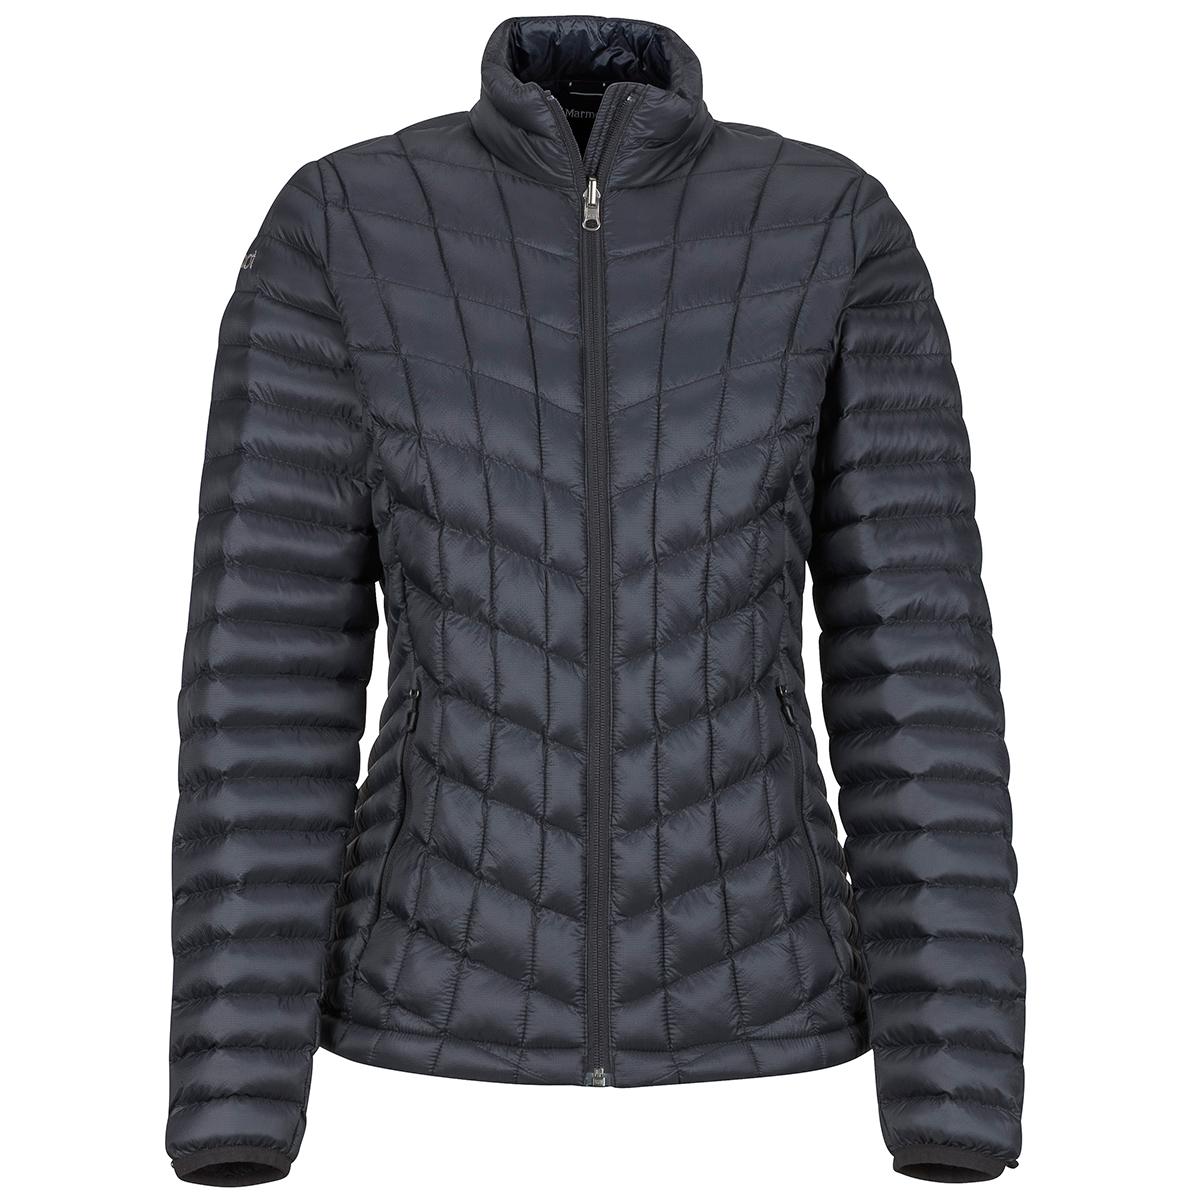 Marmot Women's Featherless Jacket - Black, L